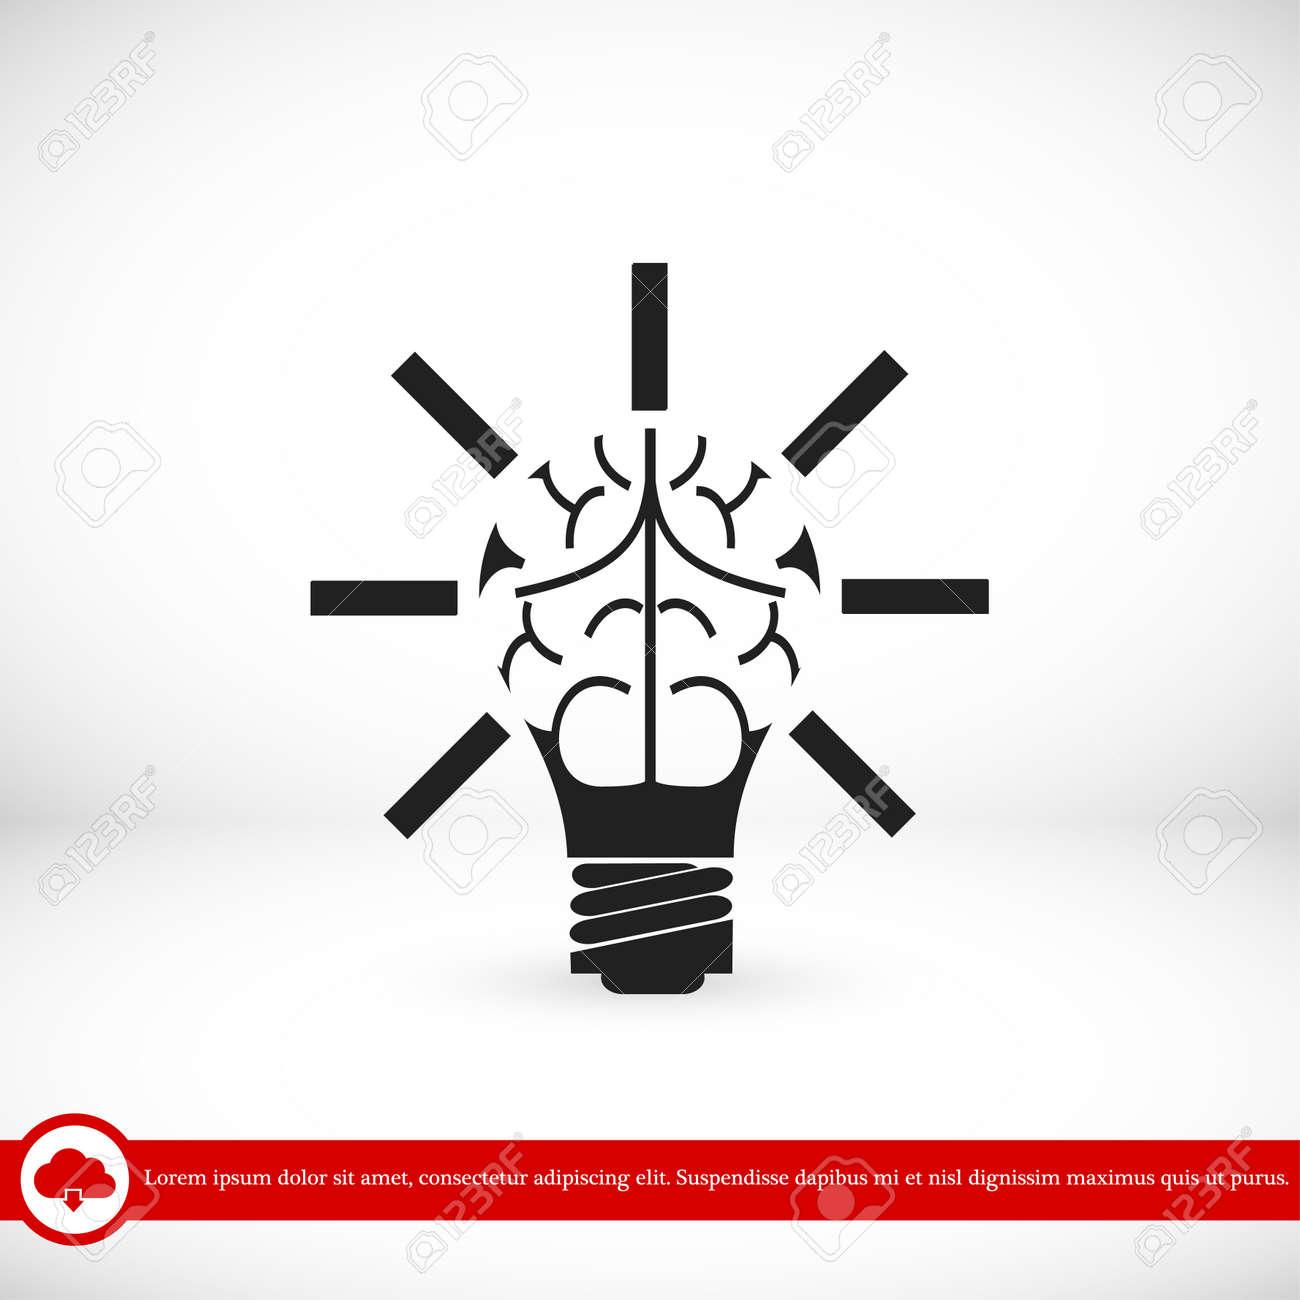 Ziemlich Symbol Des Lichts Bilder - Schaltplan Serie Circuit ...